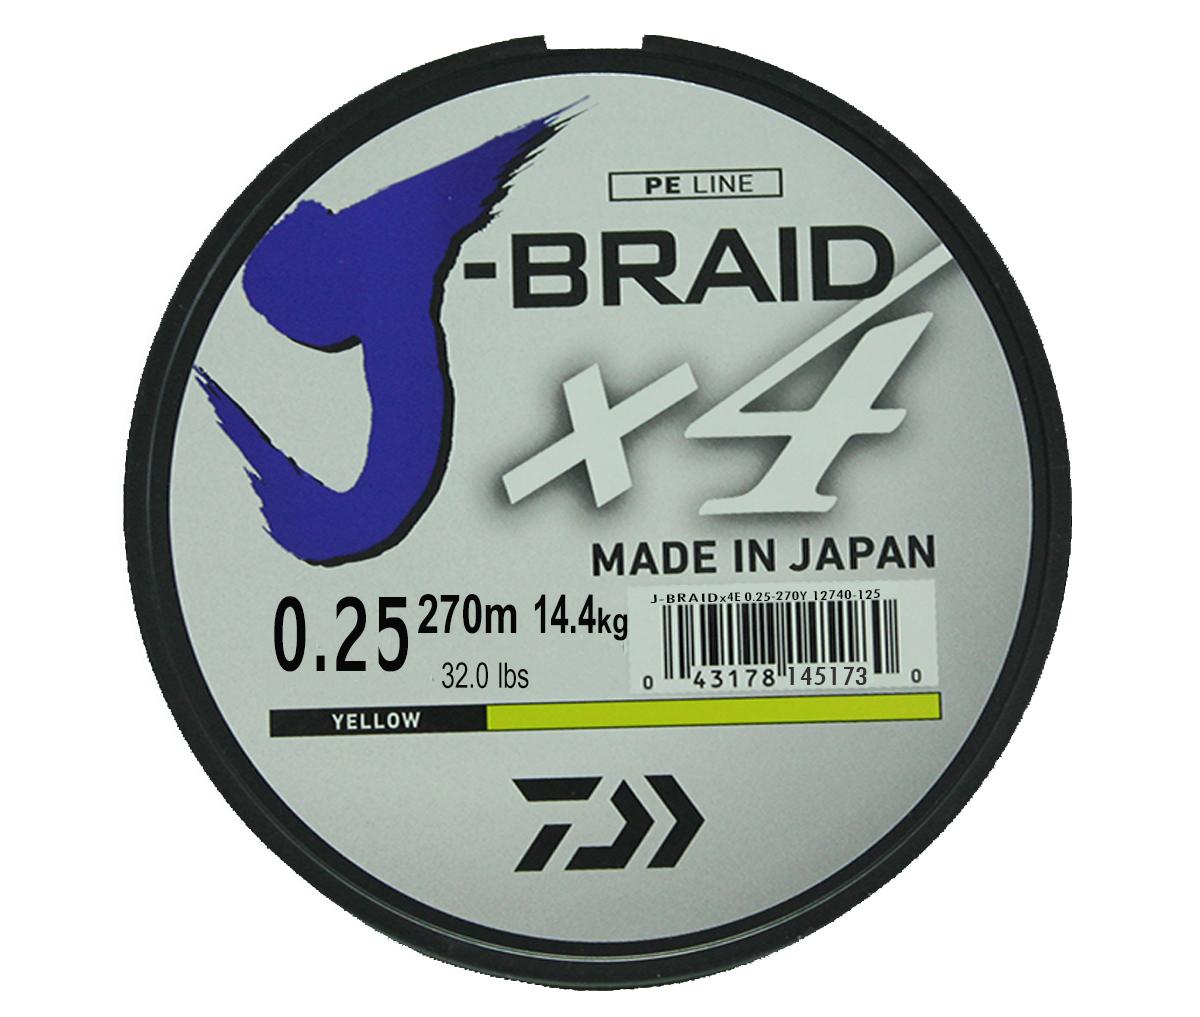 Шнур плетеный Daiwa J-Braid X4, цвет: флуоресцентный желтый, 270 м, 0,25 мм61152Новый 4х жильный шнур J-Braid, DAIWA - шнур высокого класса с удивительным соотношением цены и качества. Качество плетения полностьюсоответствует японским стандартам и удовлетворяет всем требованиям. Представленные диаметры позволяют использовать шнур для всех техникловли, начиная от ultra- light ловли окуня, до морской ловли палтуса, трески и т.д